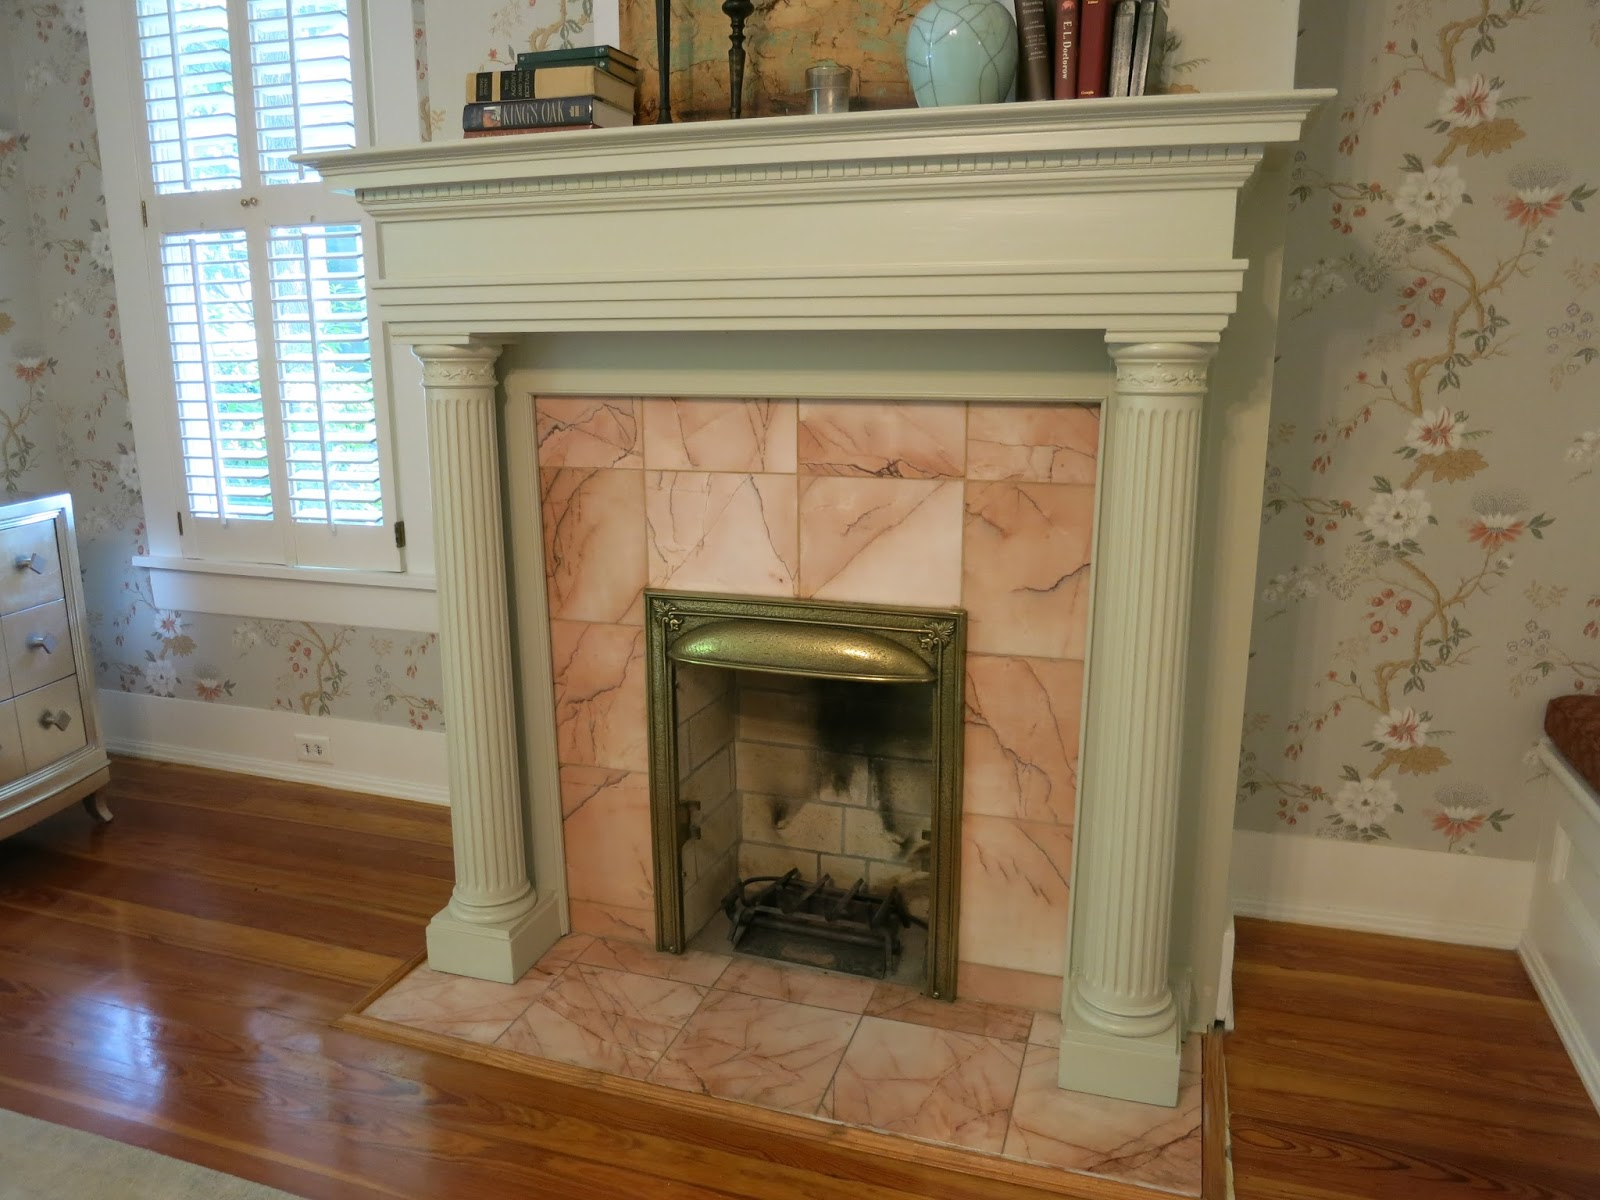 1920 Craftsman Fireplace Mantel